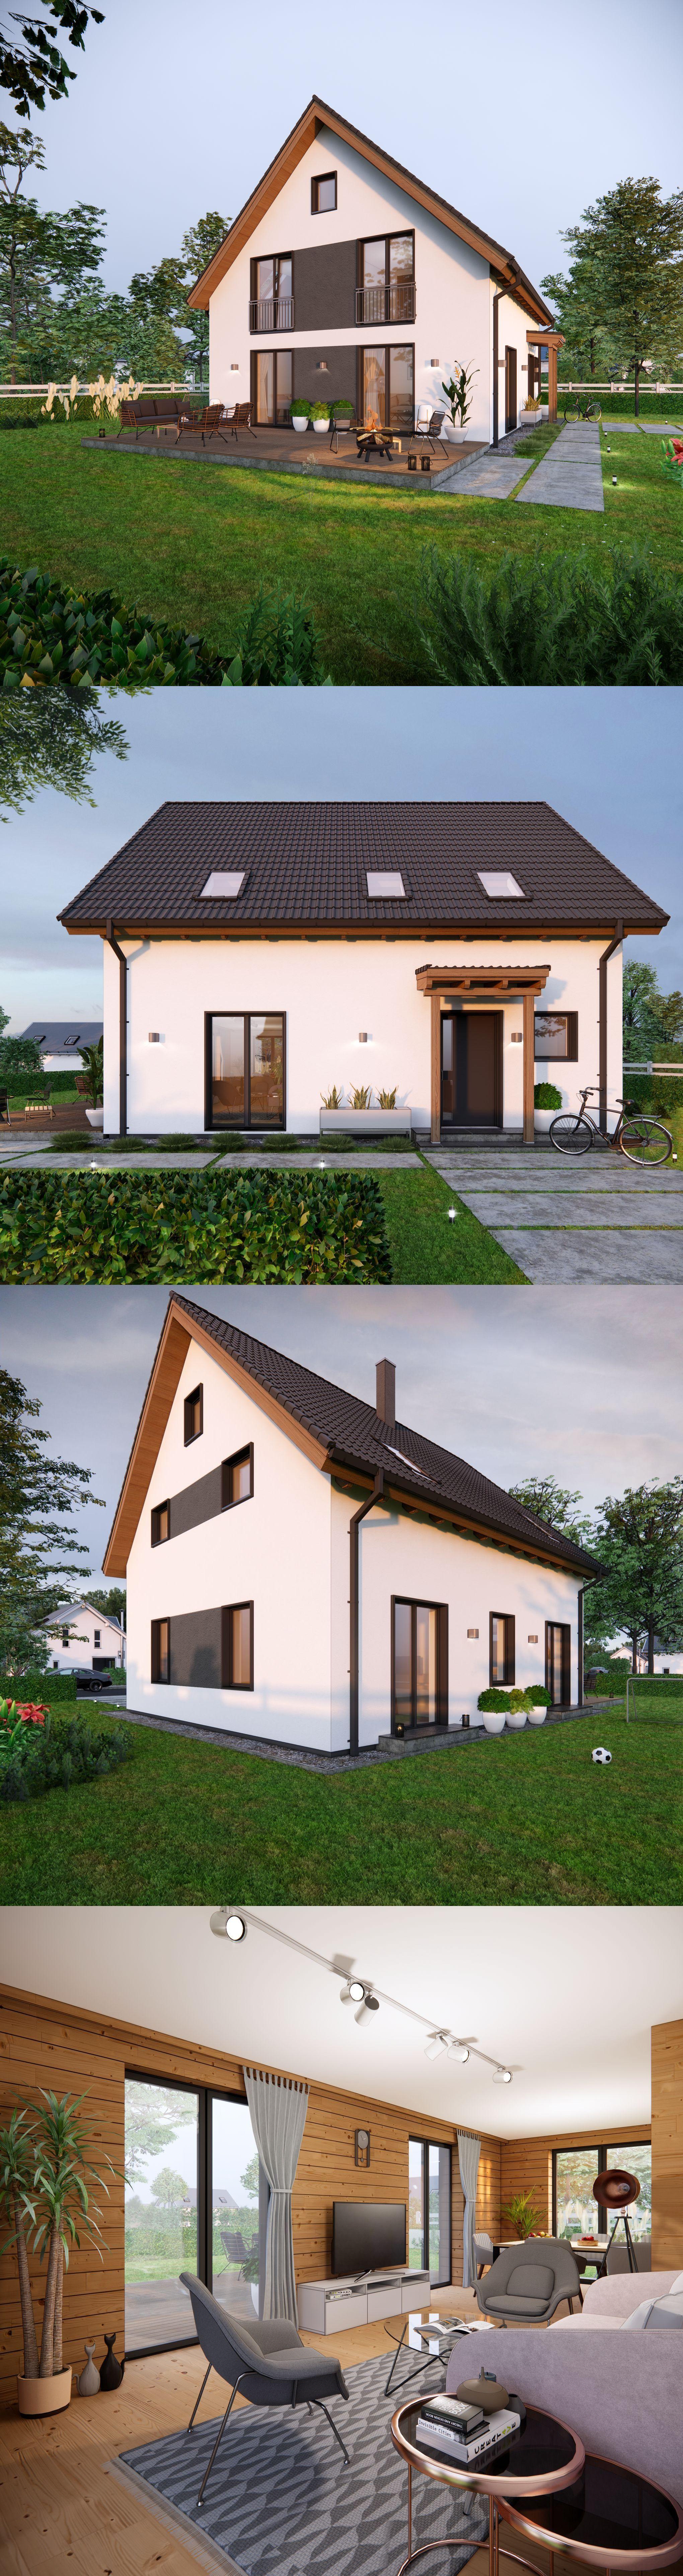 3d渲染:现代木制单家庭房子